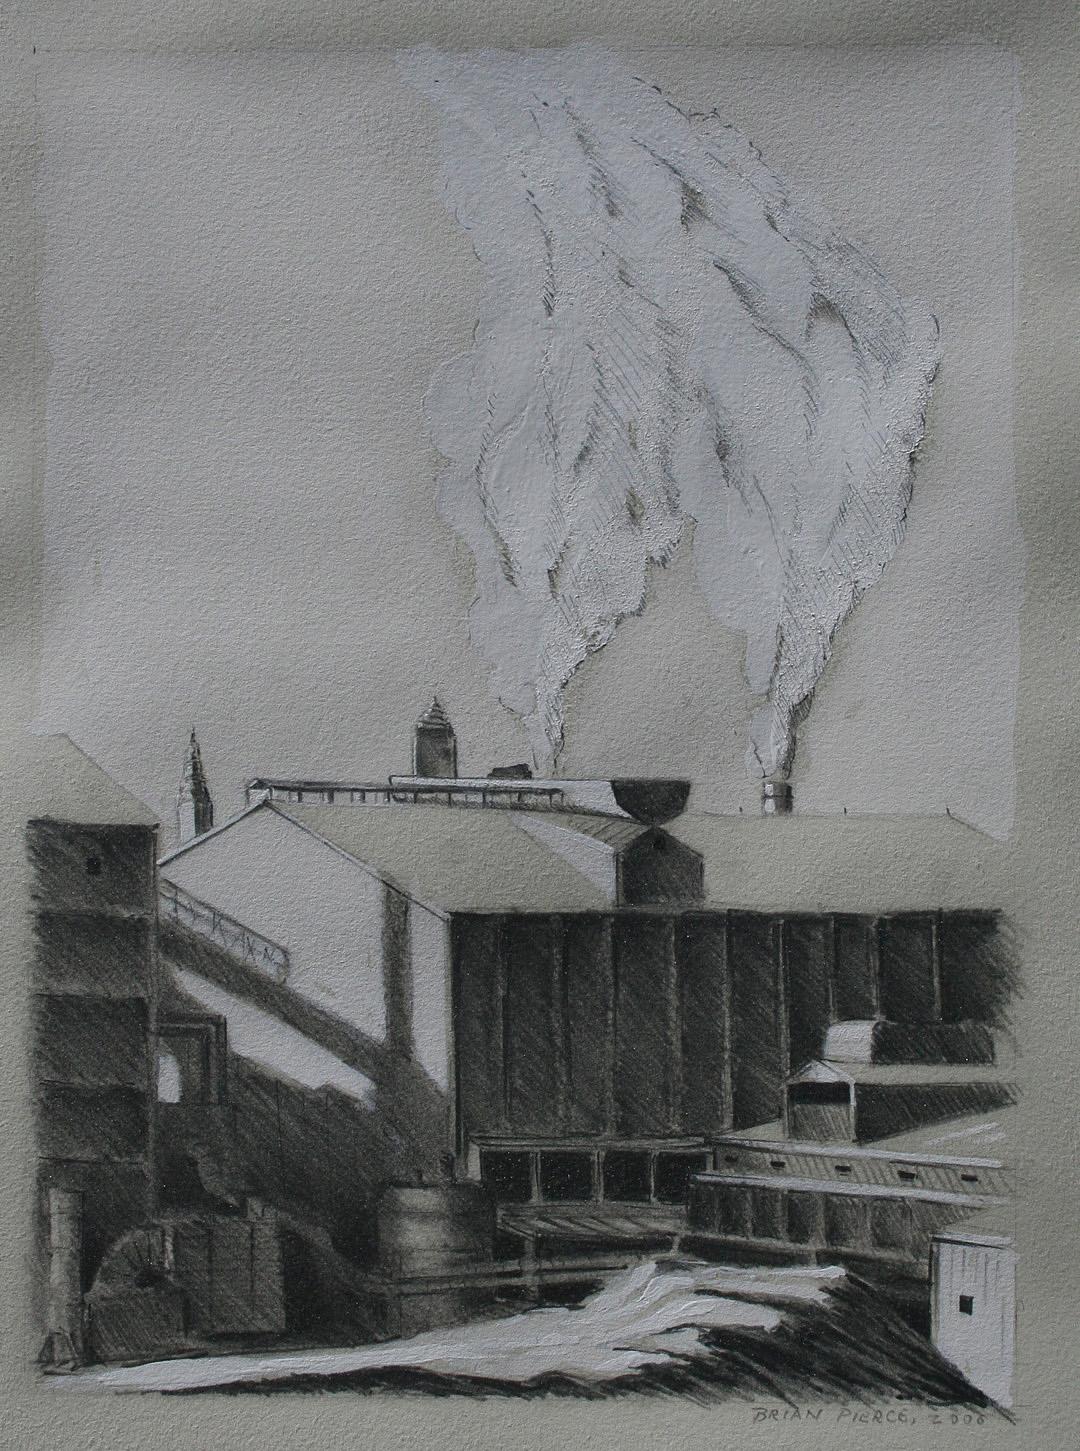 Steel Mills8.jpg